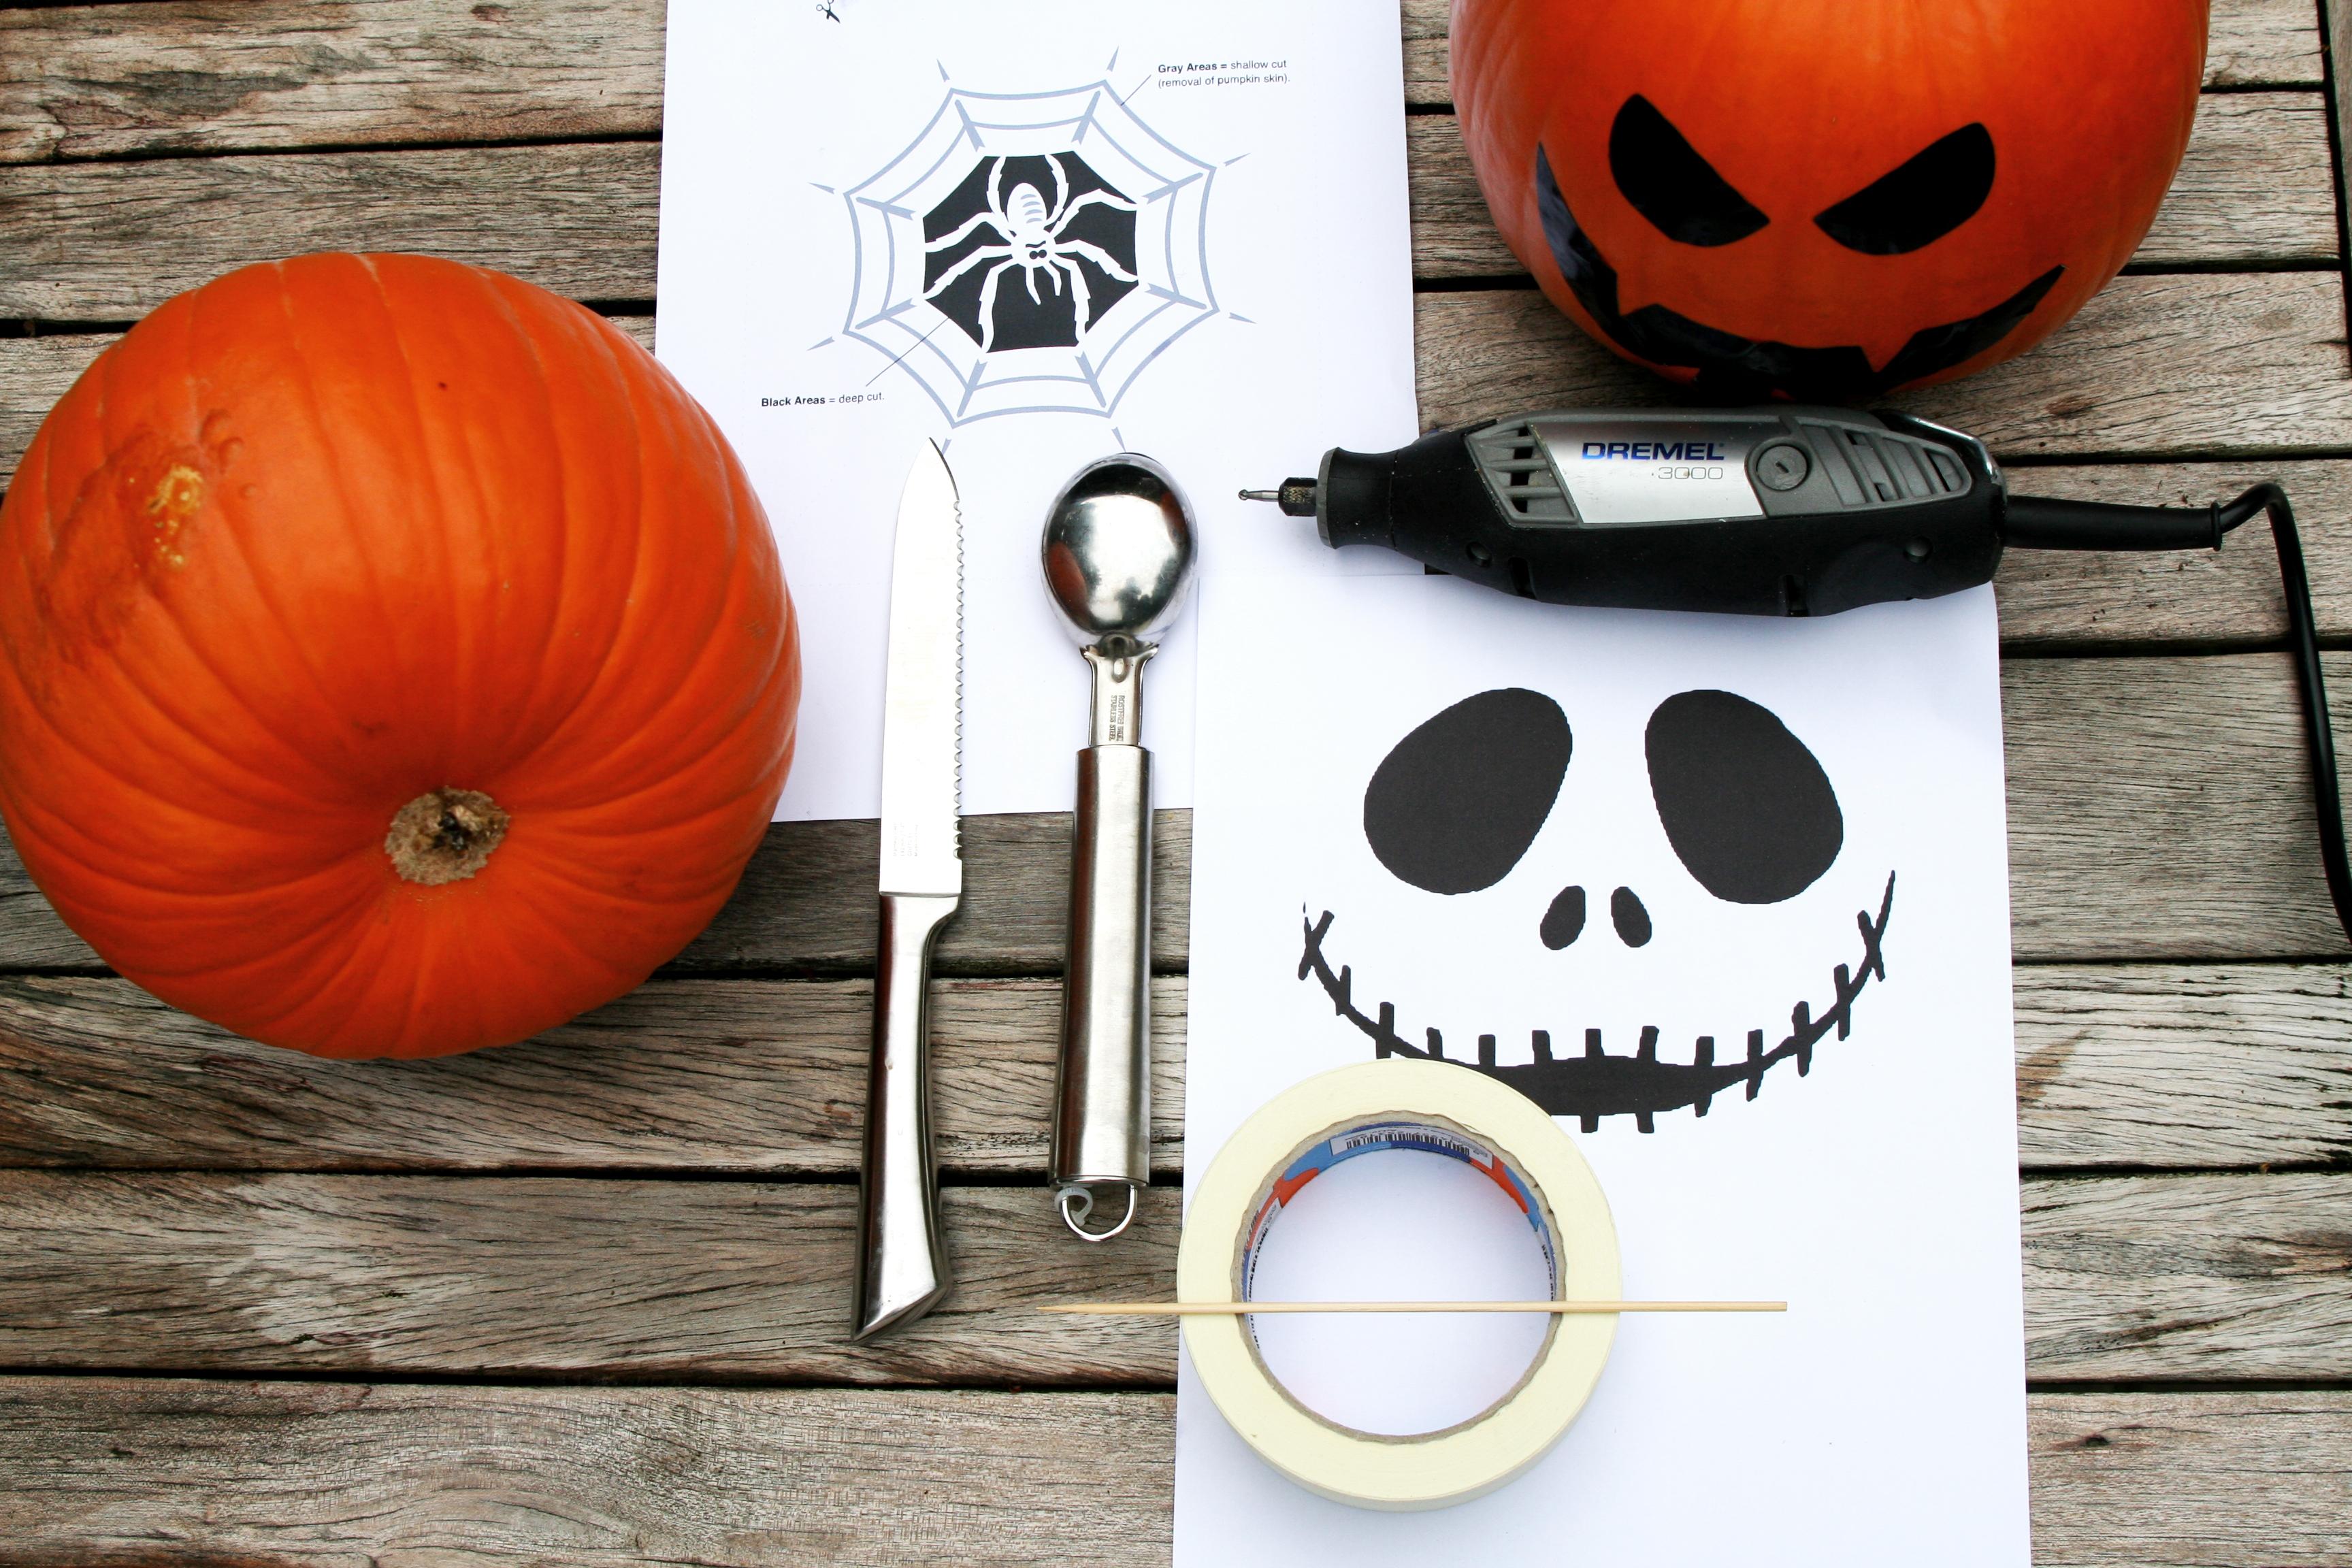 Hoe Maak Je Een Halloween Pompoen.Top Tips Voor Het Maken Van Een Halloween Pompoen Dremel